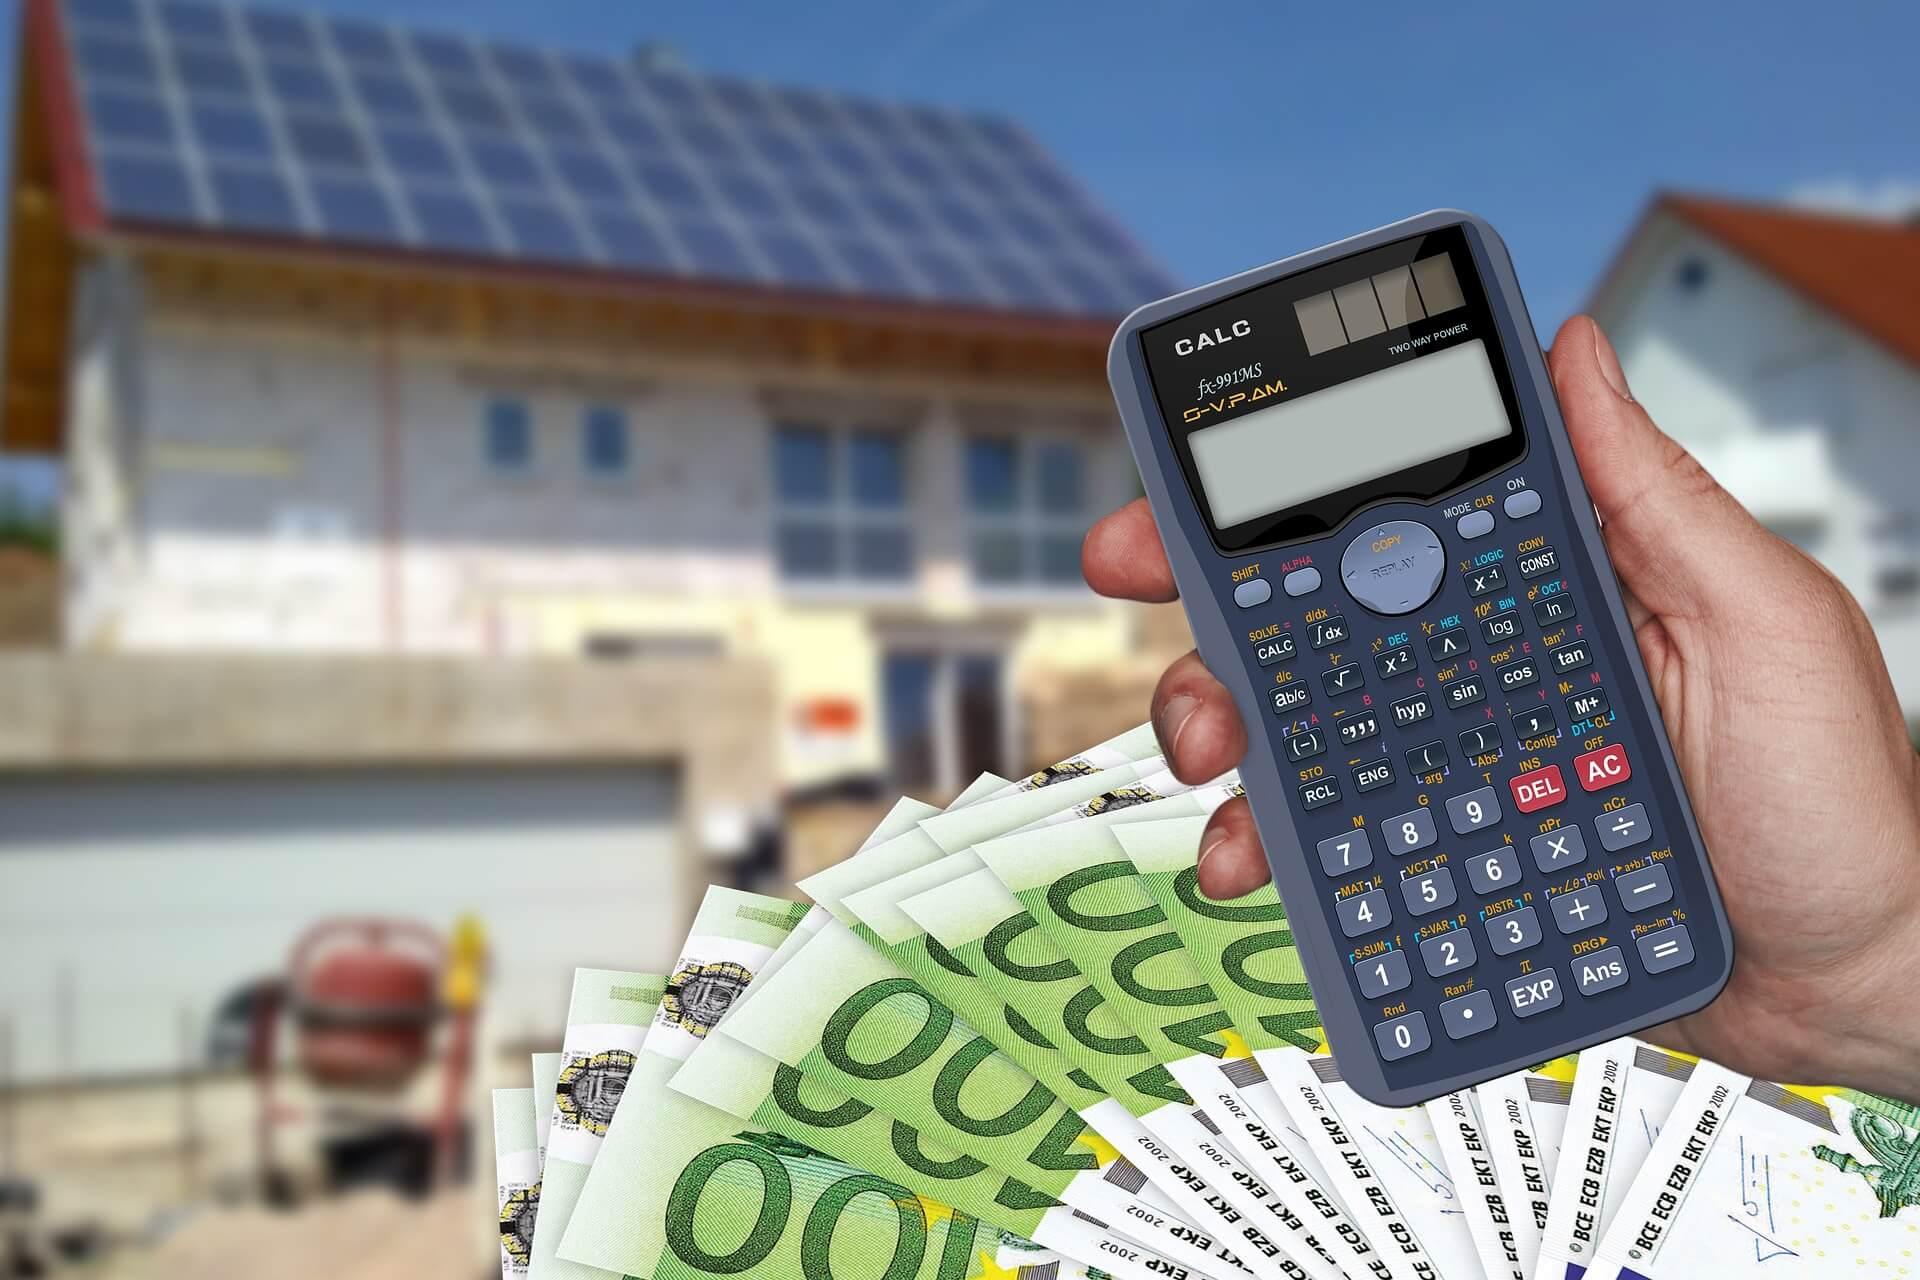 Kredite aus steuerlicher Sicht korrekt behandeln